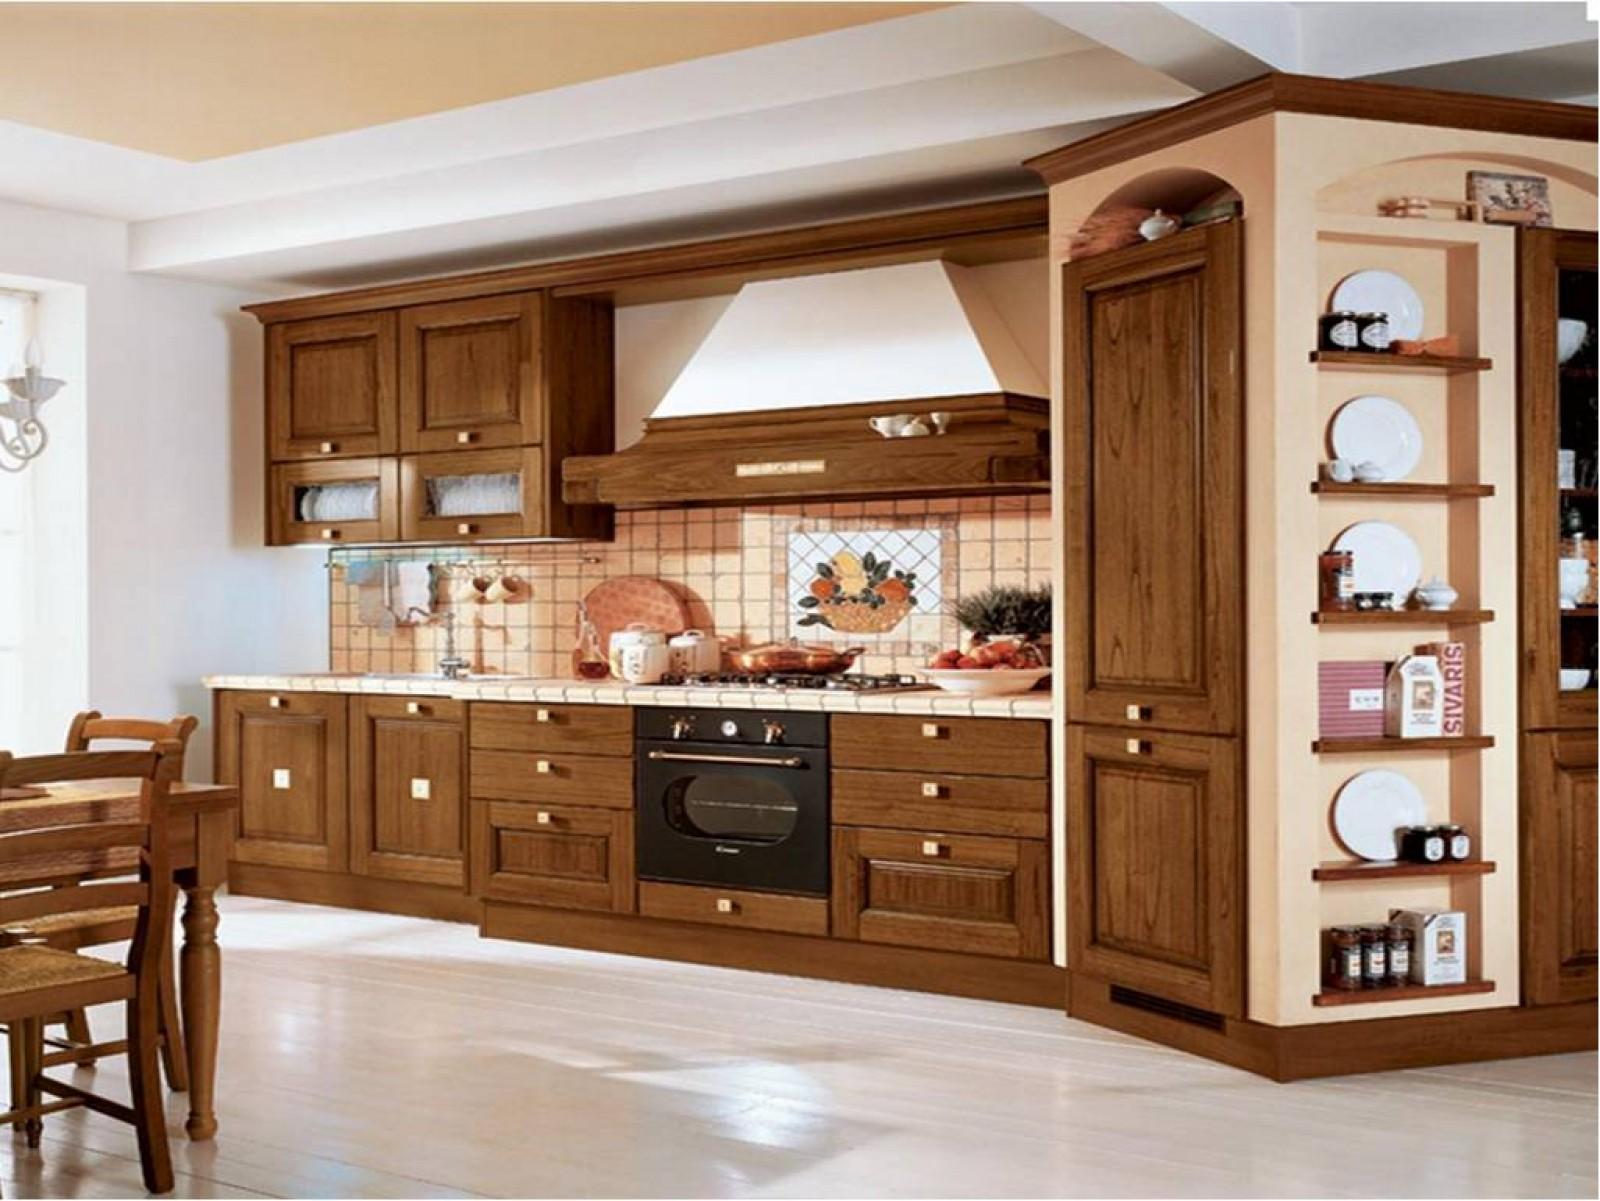 Proposte D'arredo Cucine Laura Di Cucine Lube #381C0C 1600 1201 Foto Di Cucine Americane